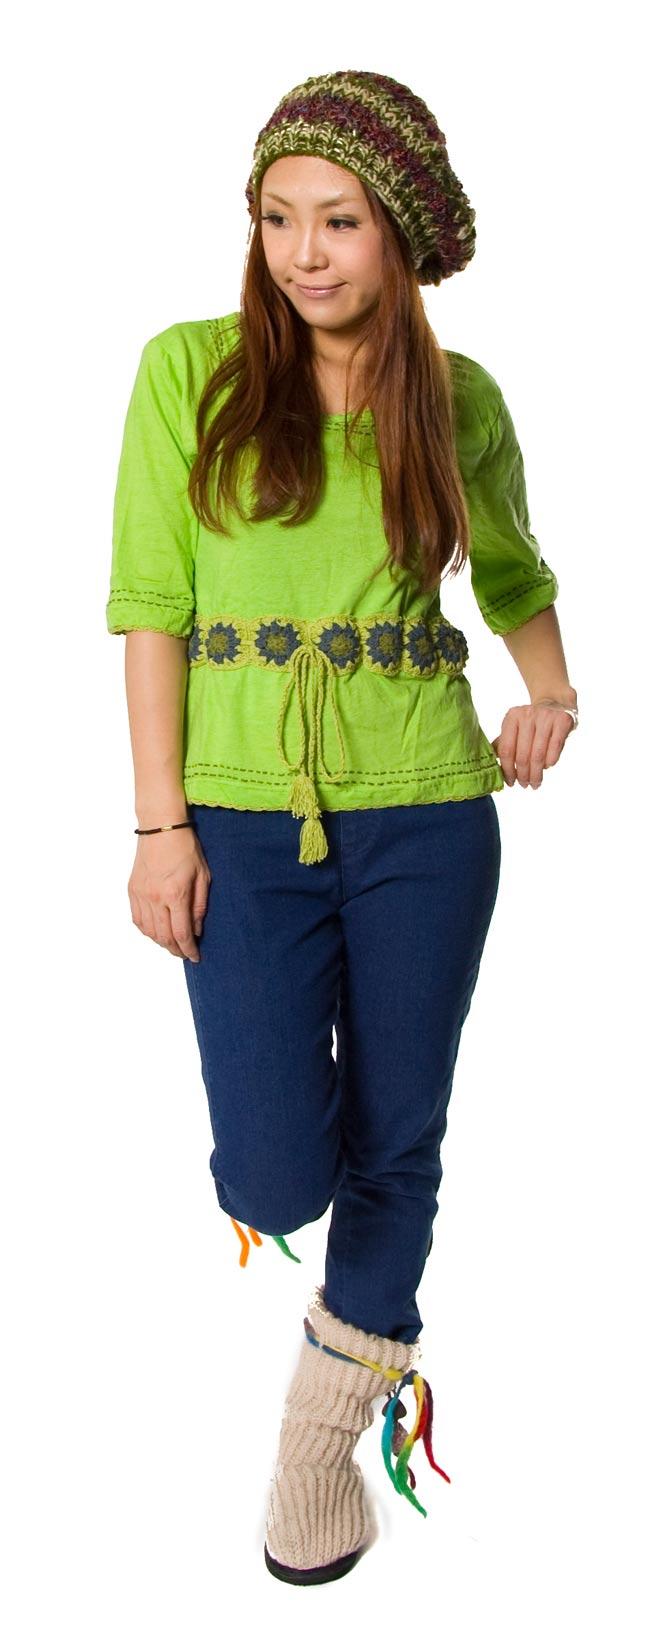 ベルト風刺繍ハーフスリーブTシャツ - 黄緑